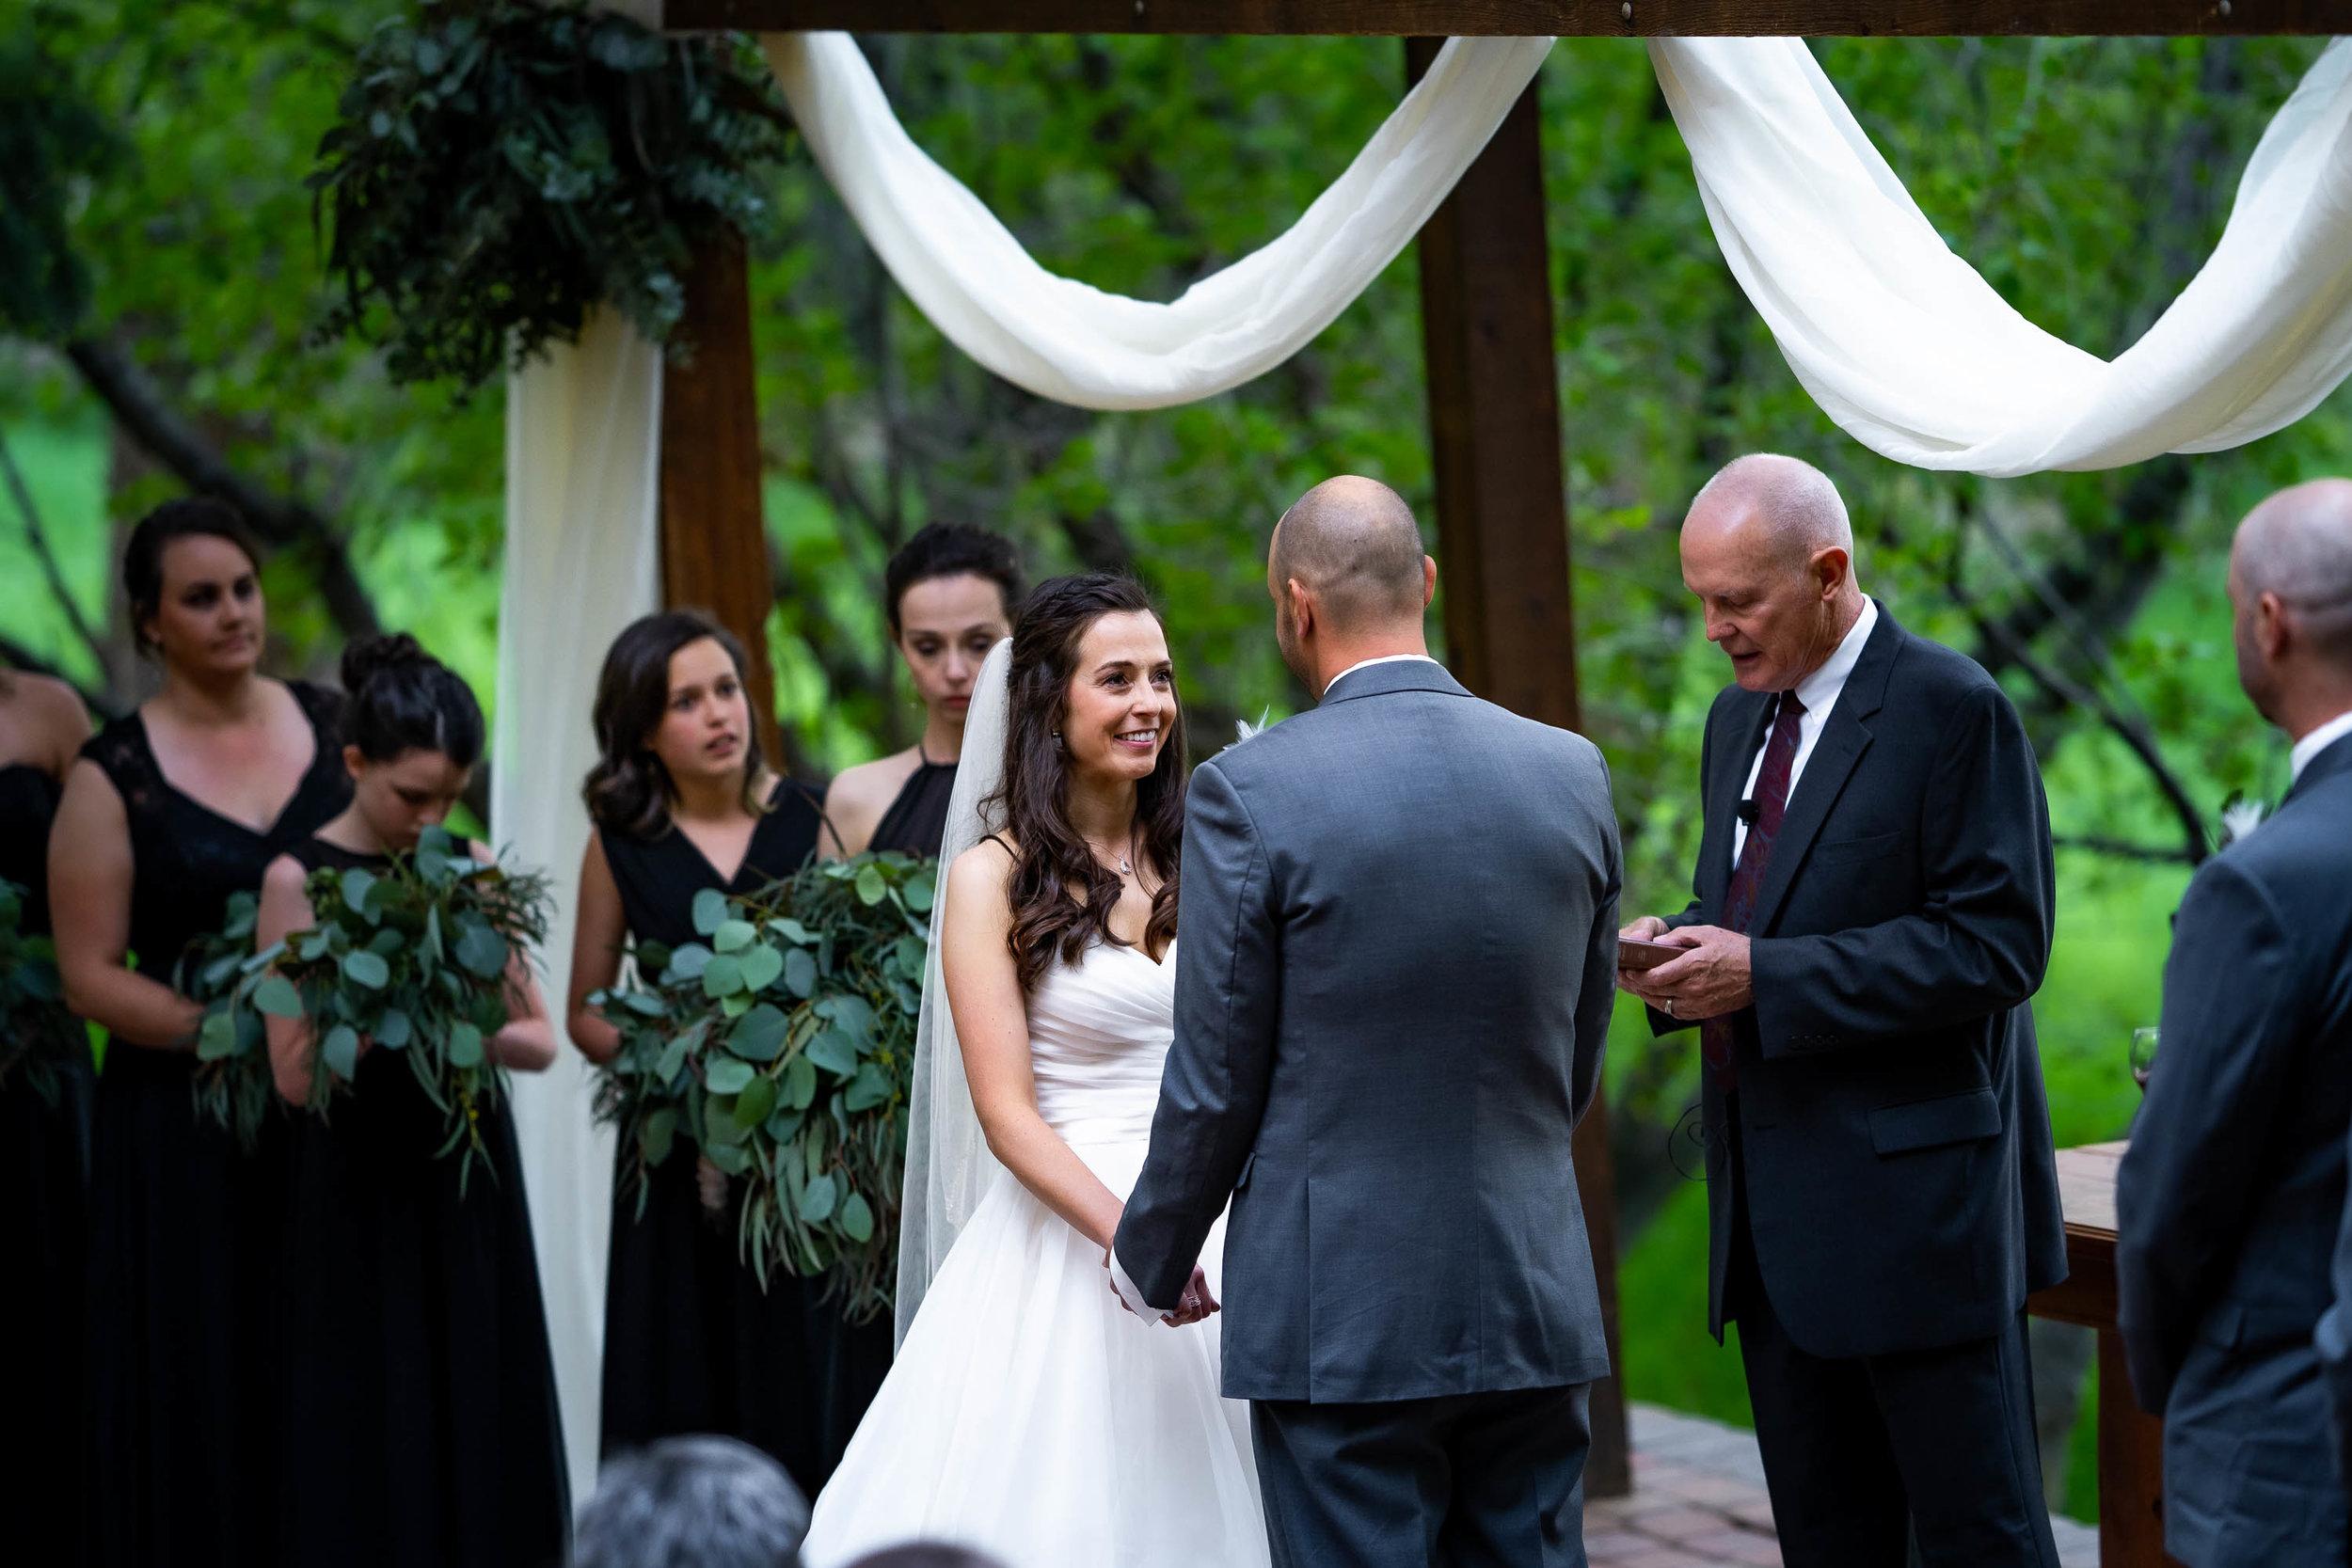 Pines_Genesee_Colorado_Wedding-45.jpg